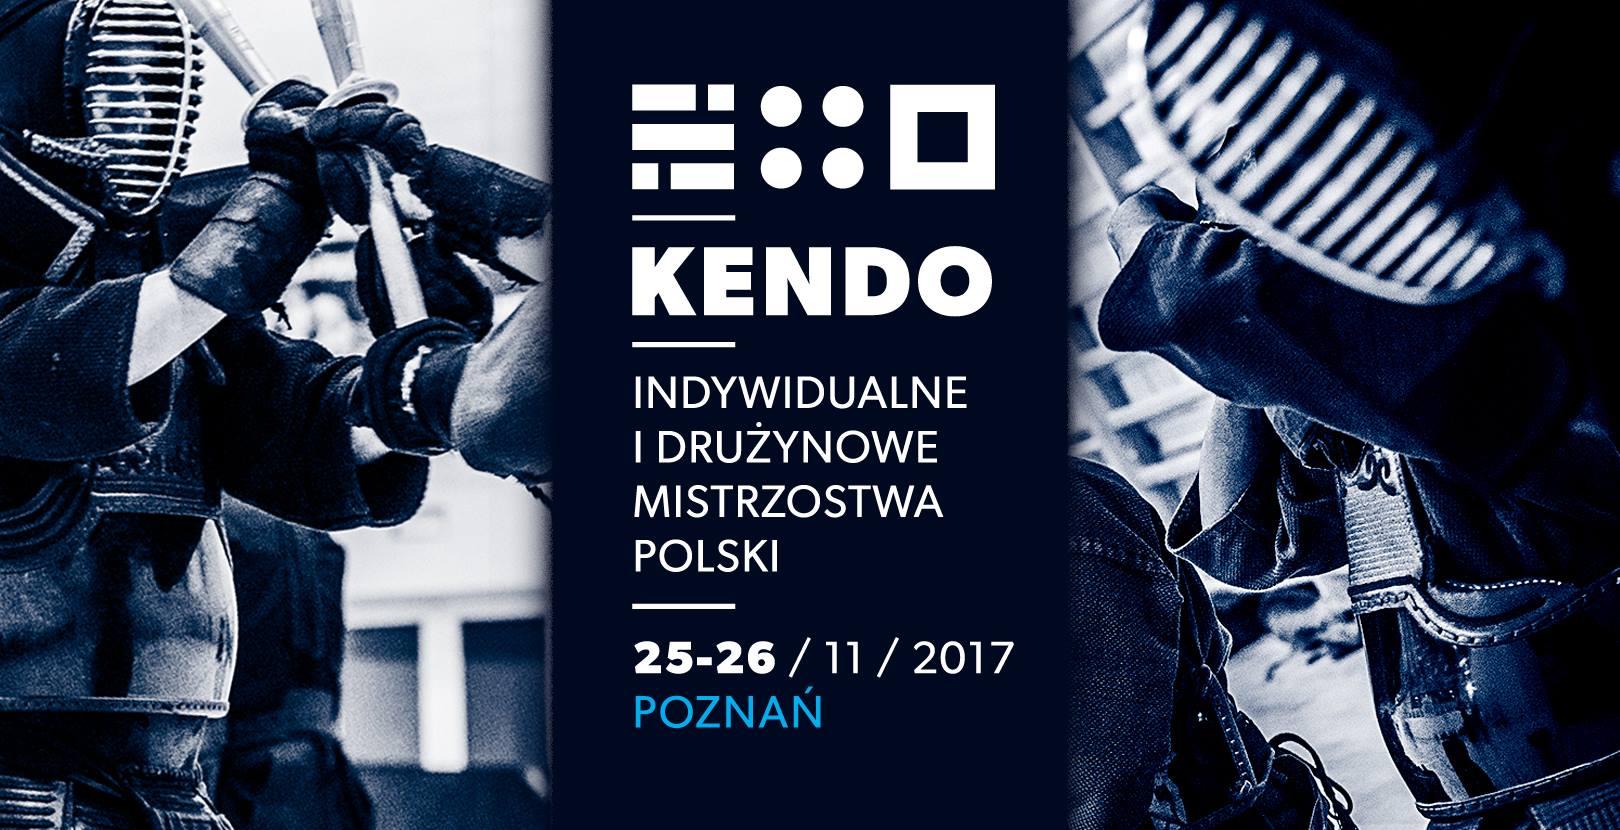 MISTRZOSTWA POLSKI KENDO 2017